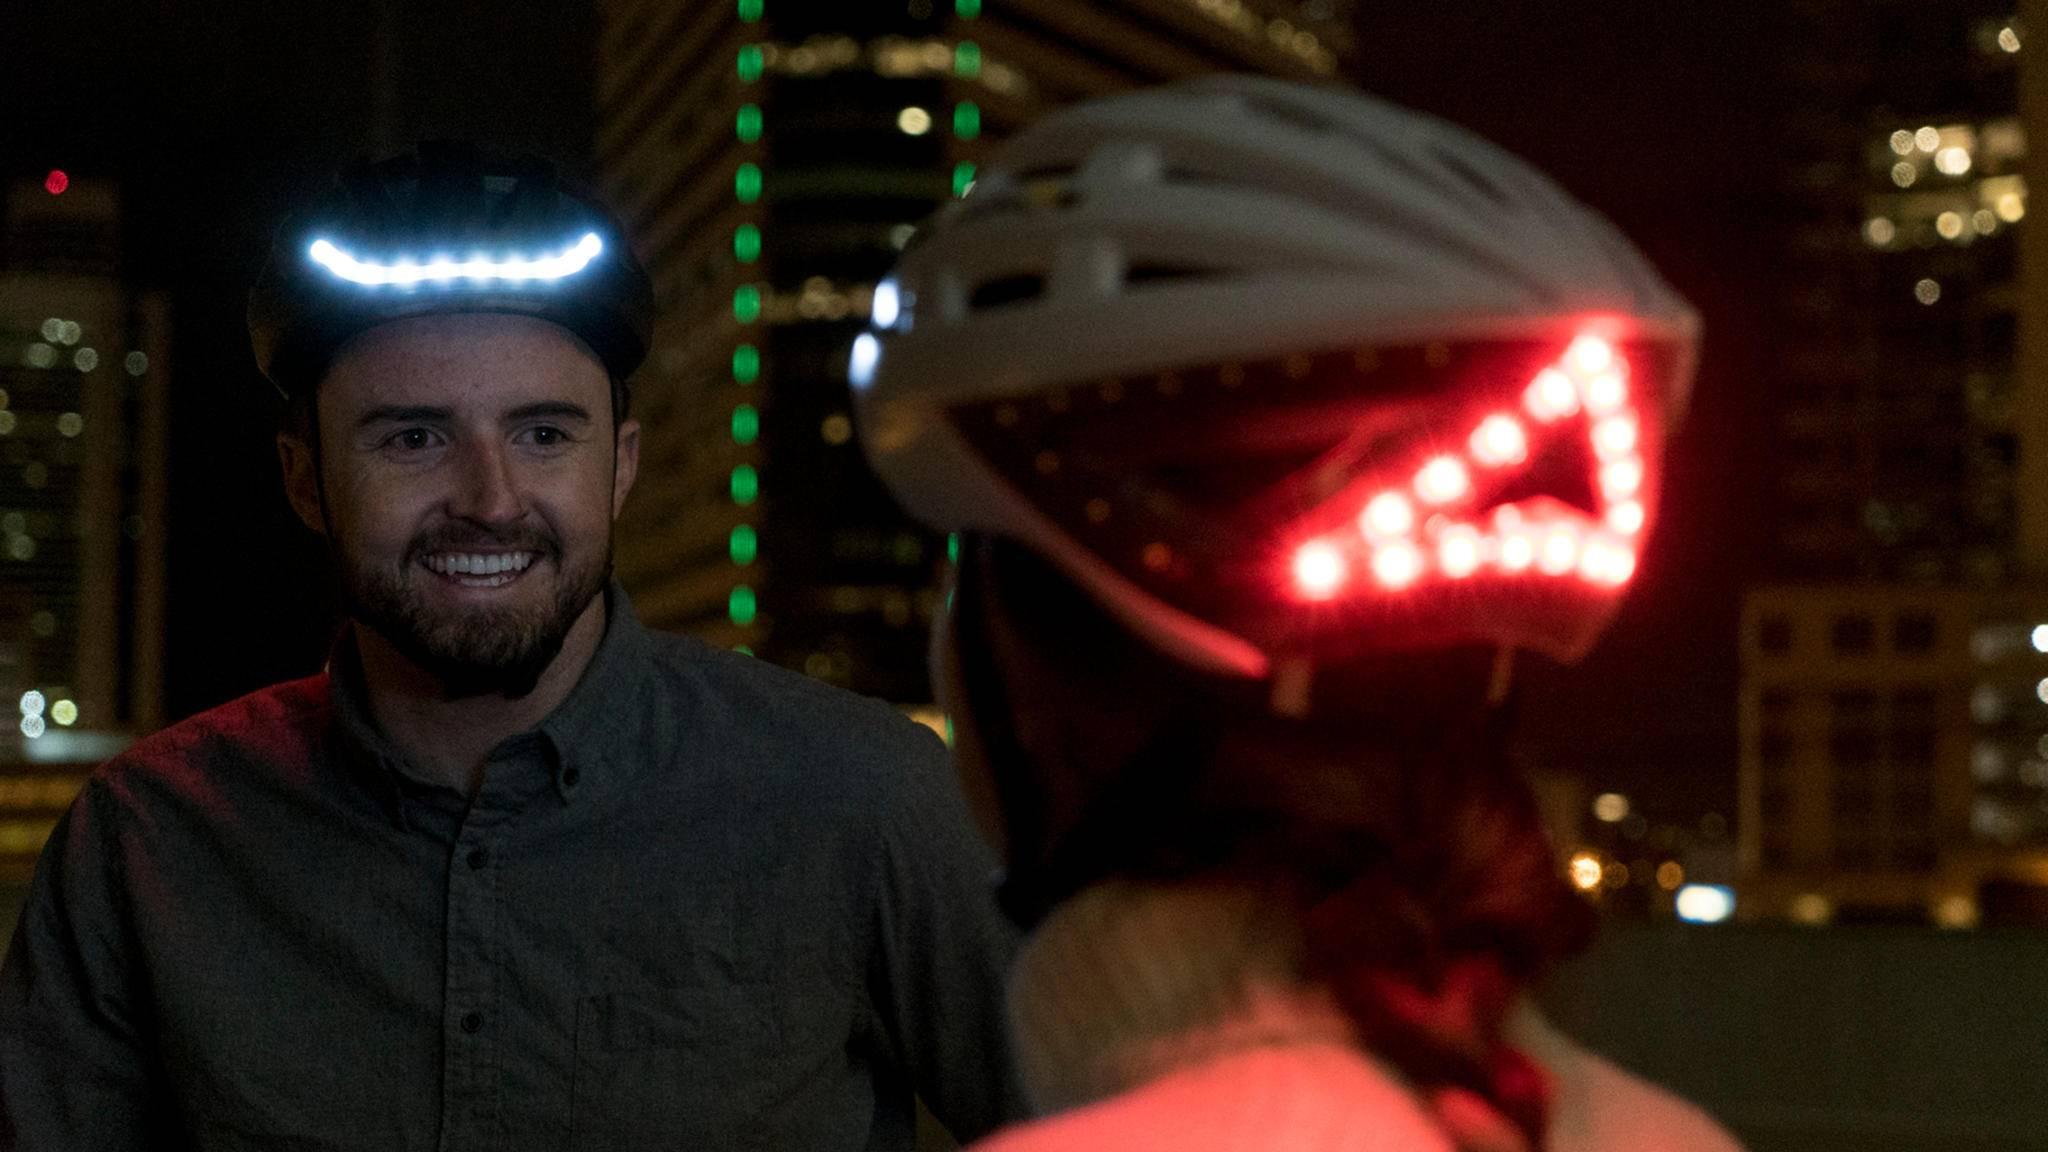 Fahrradhelme wie von Lumos erhöhen Fahrvergnügen und Sicherheit.